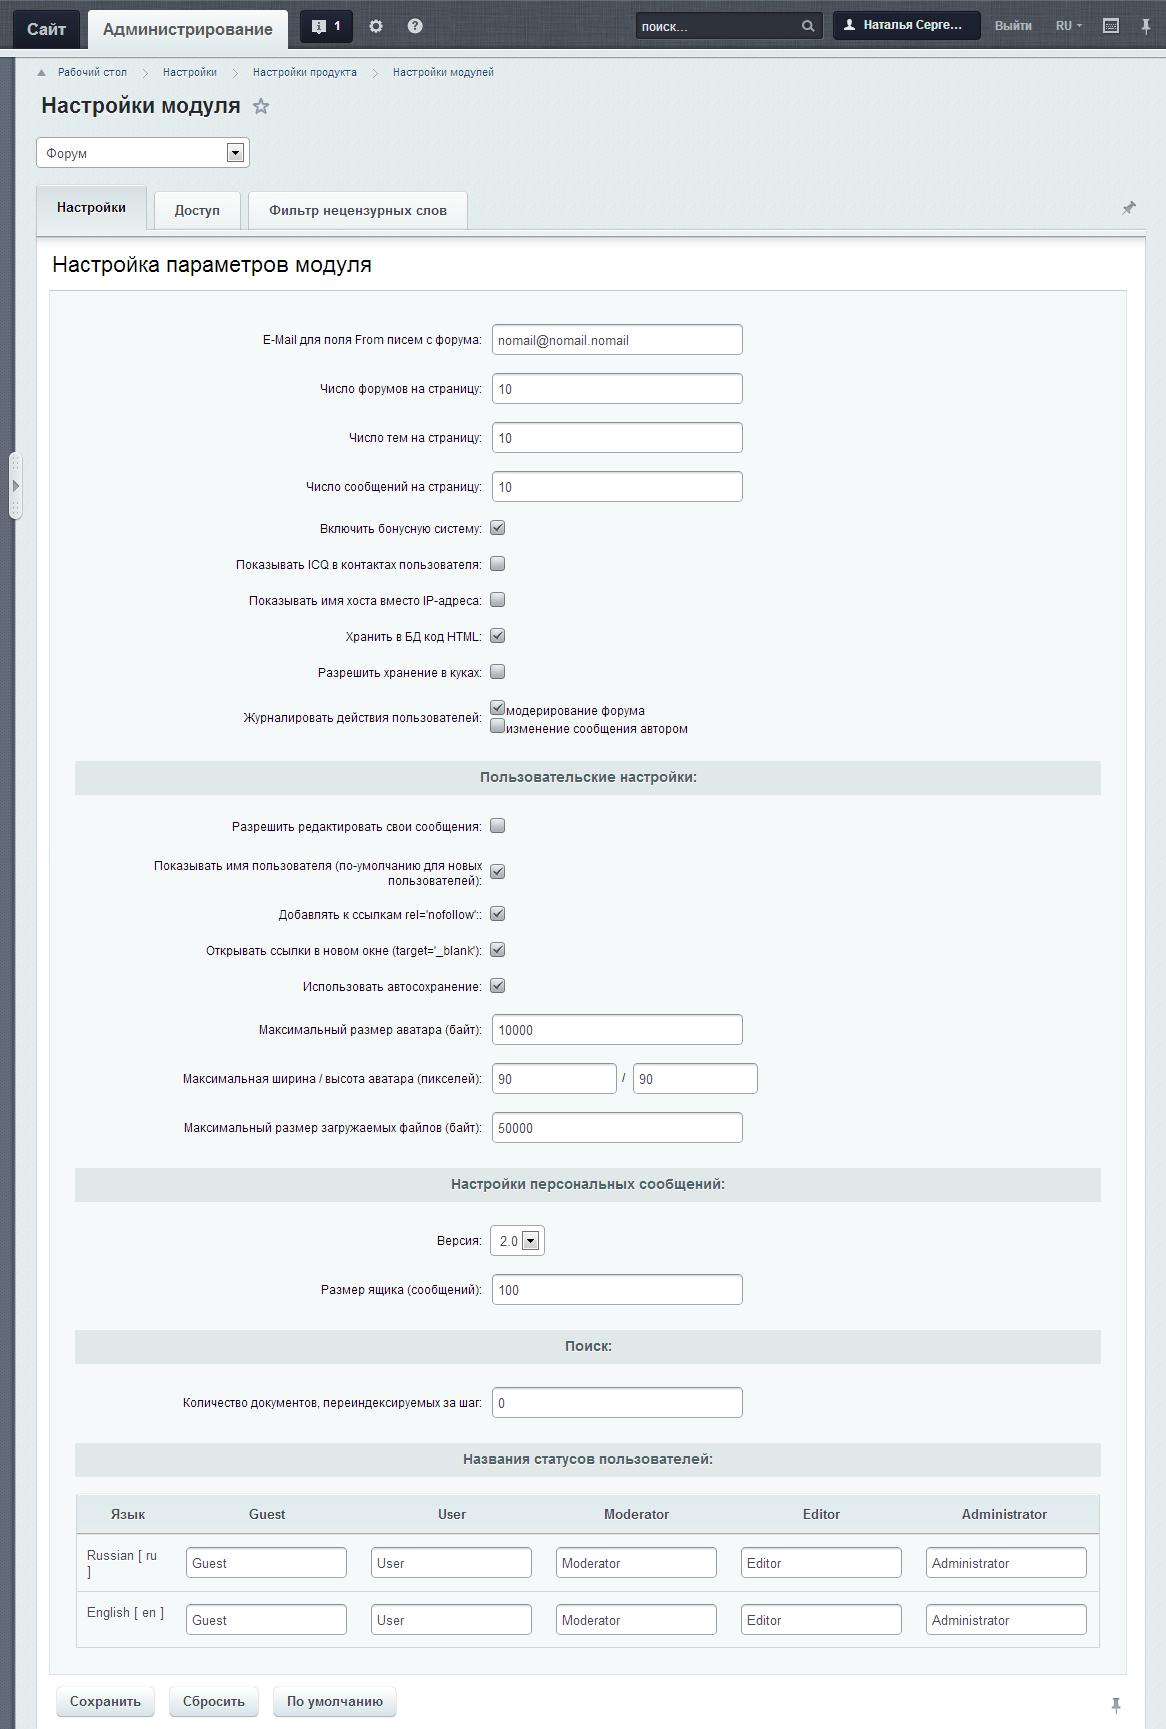 Настройка параметров модуля